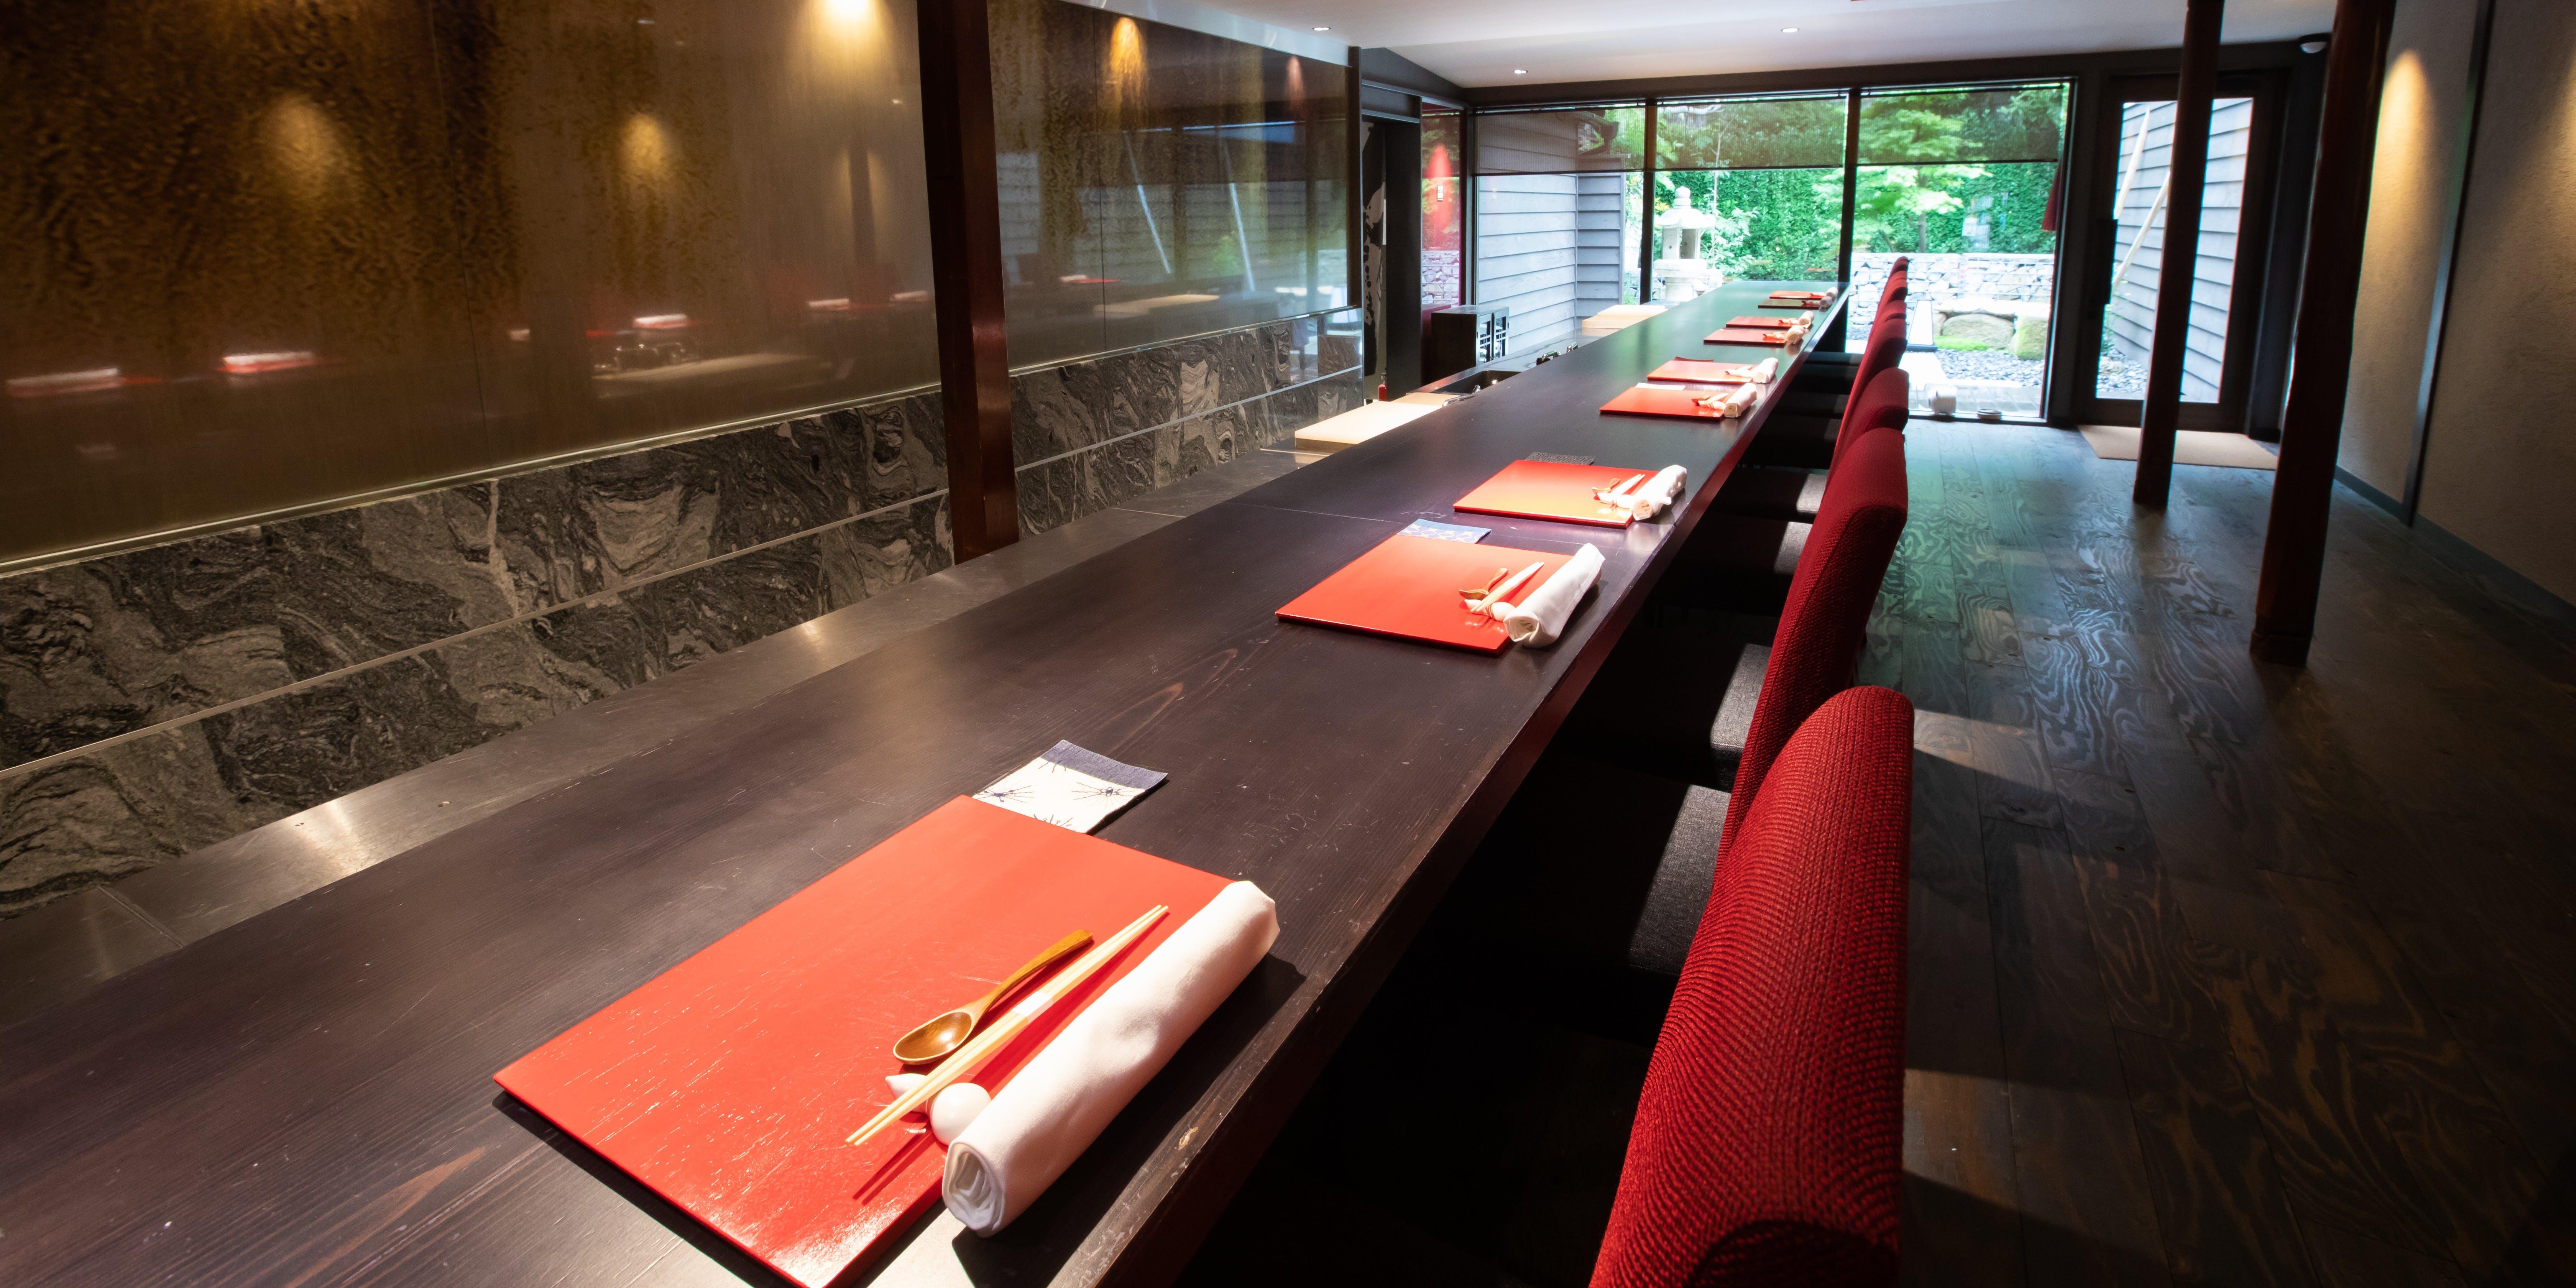 記念日におすすめのレストラン・賛否両論 金沢の写真2